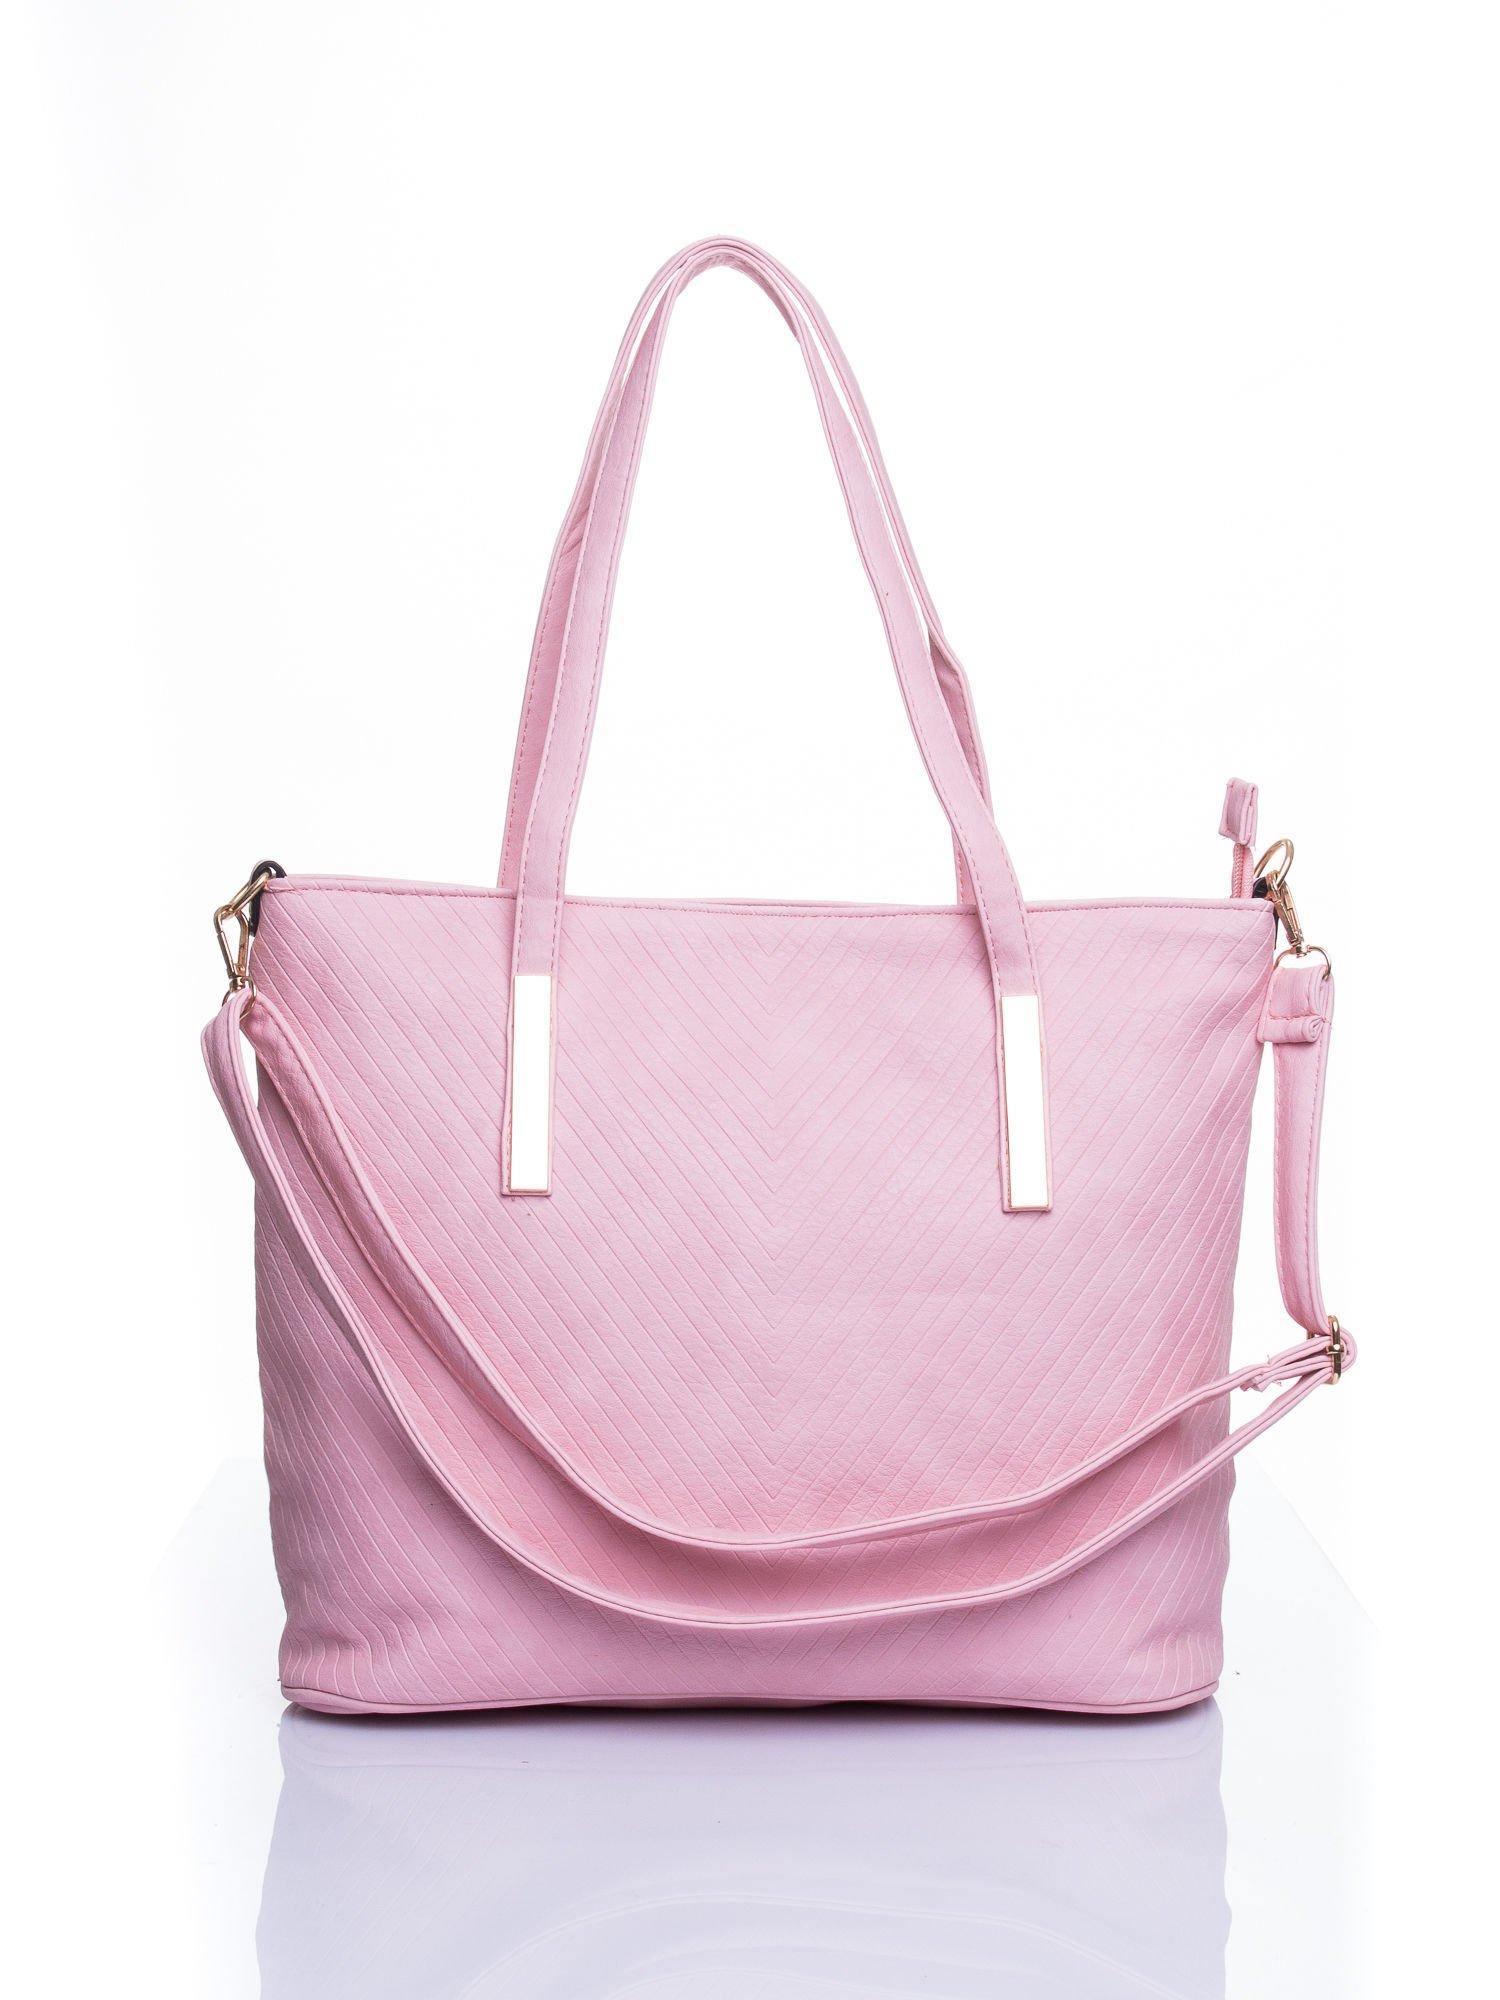 Jasnoróżowa fakturowana torba shopper bag                                  zdj.                                  1